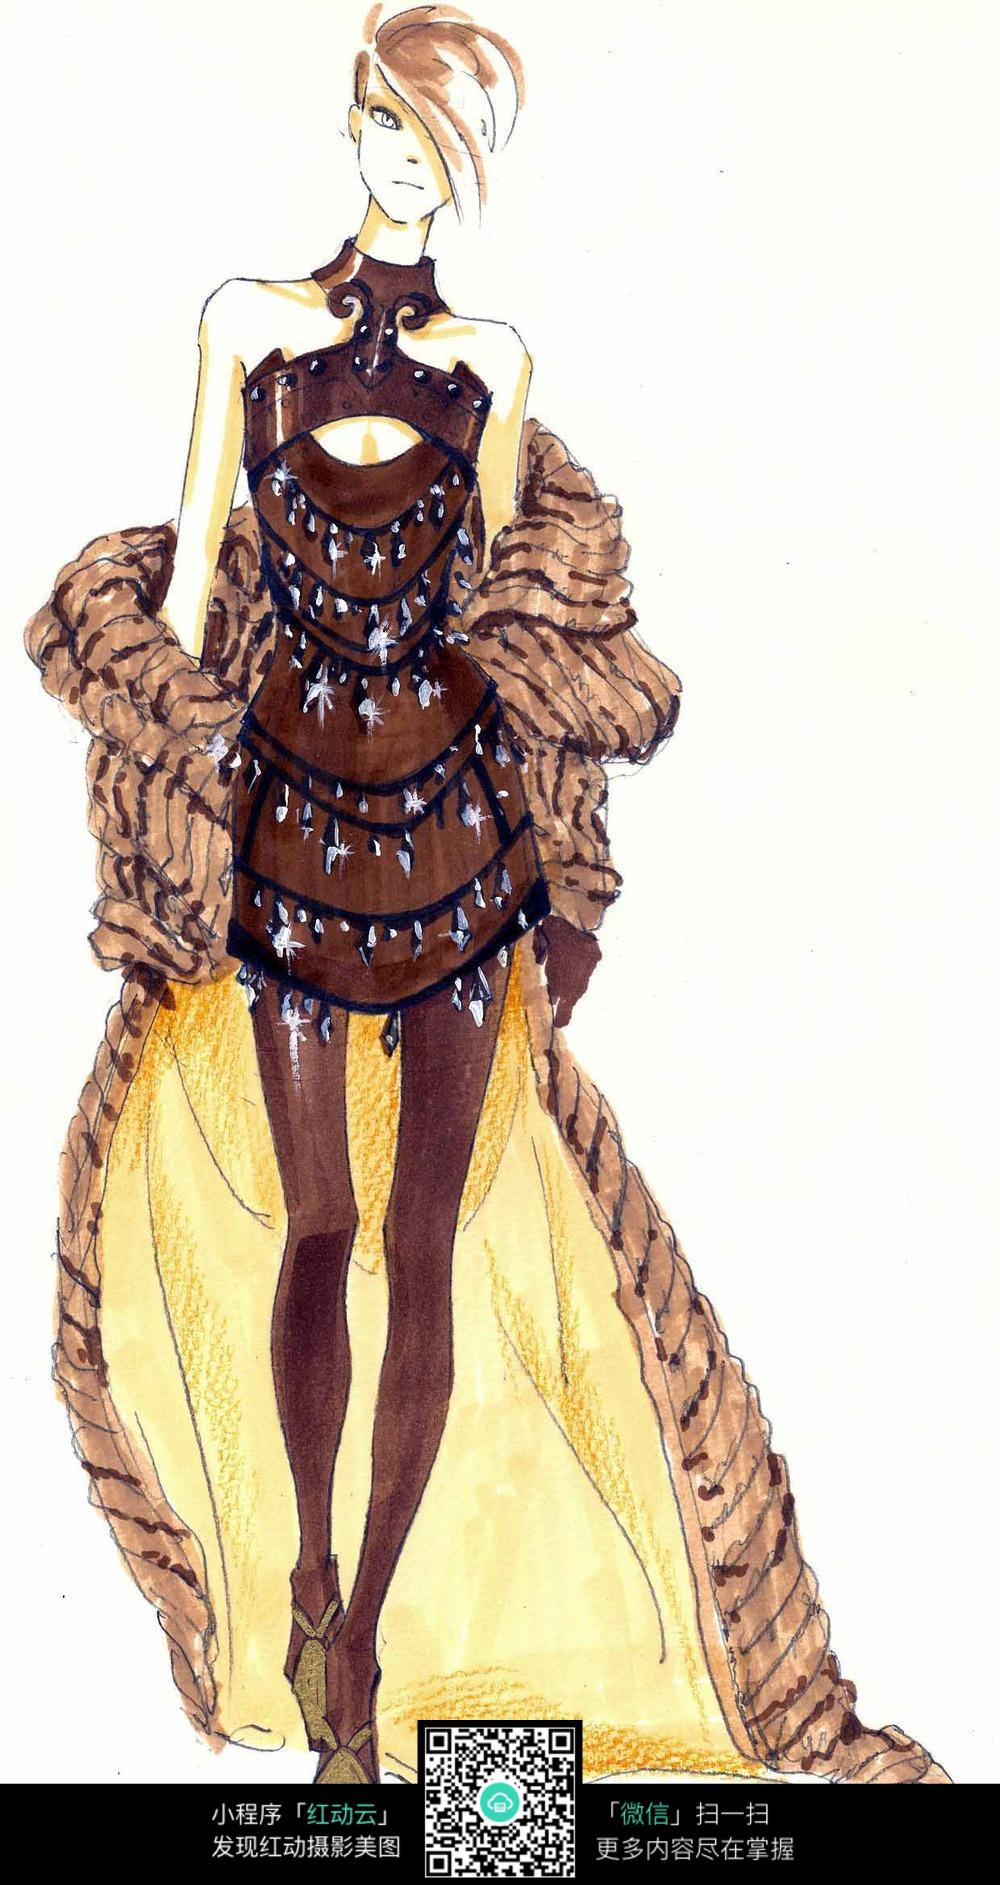 手绘 彩绘 时装画 彩绘时装服饰